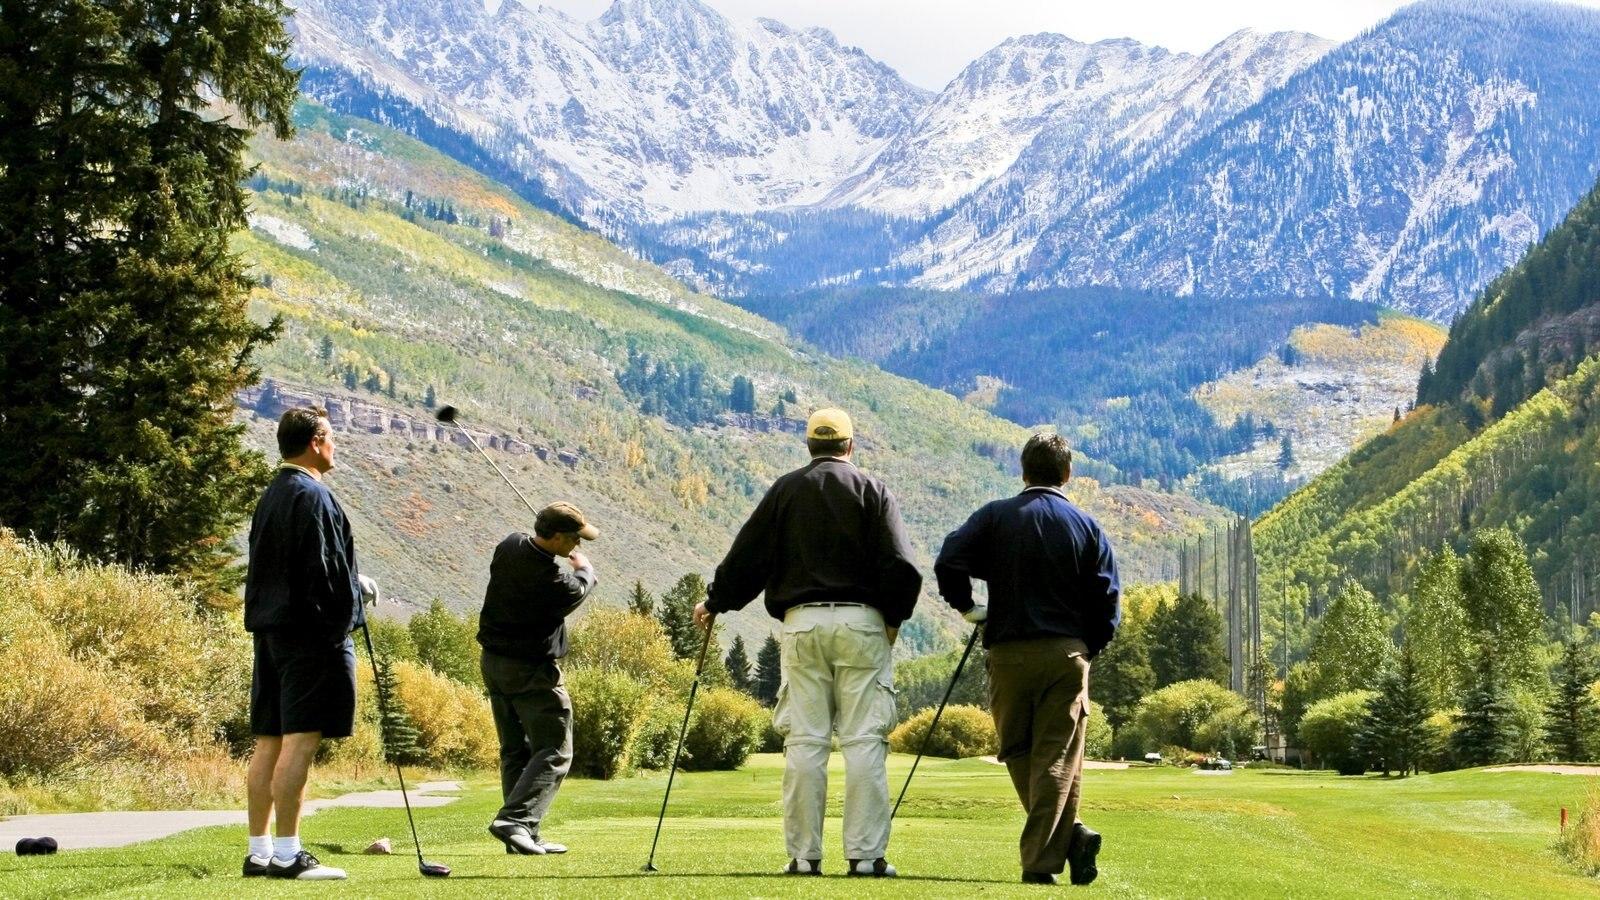 Vail - Beaver Creek que inclui golfe e montanhas assim como um pequeno grupo de pessoas